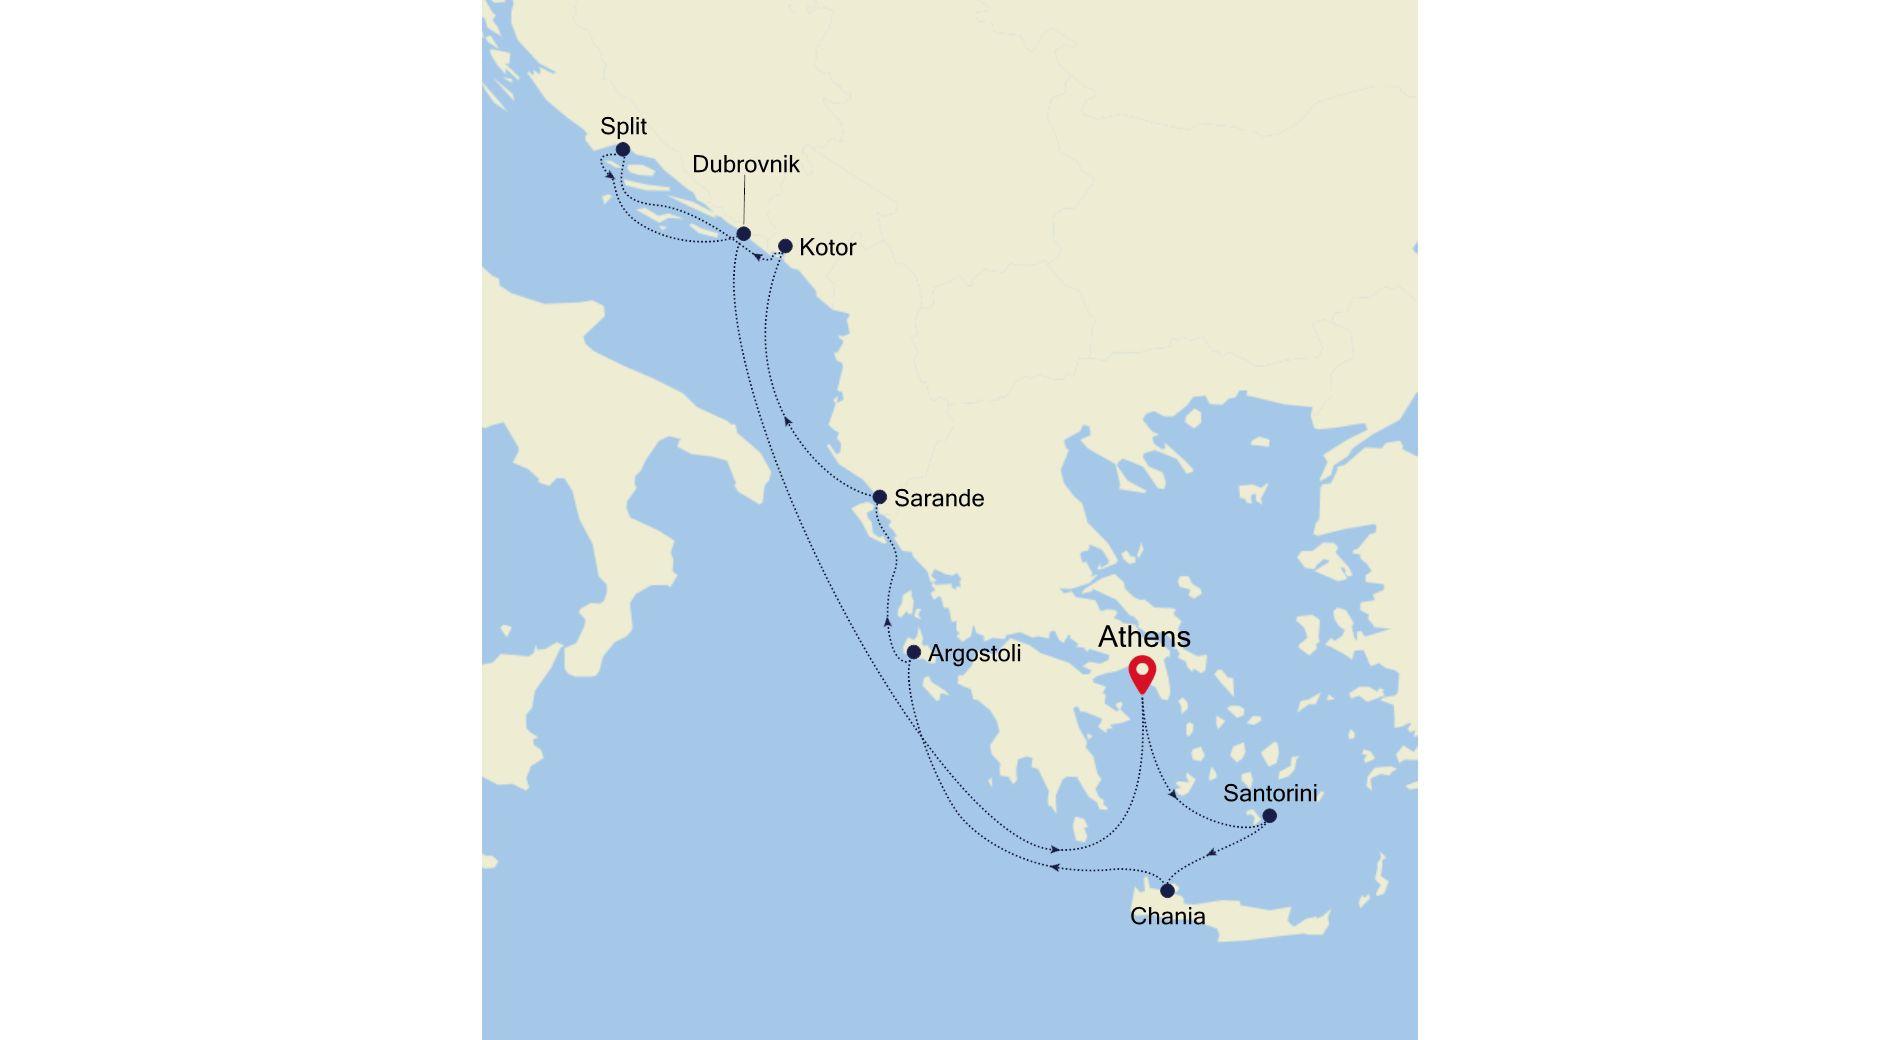 SL200415009 - Piraeus à Venice